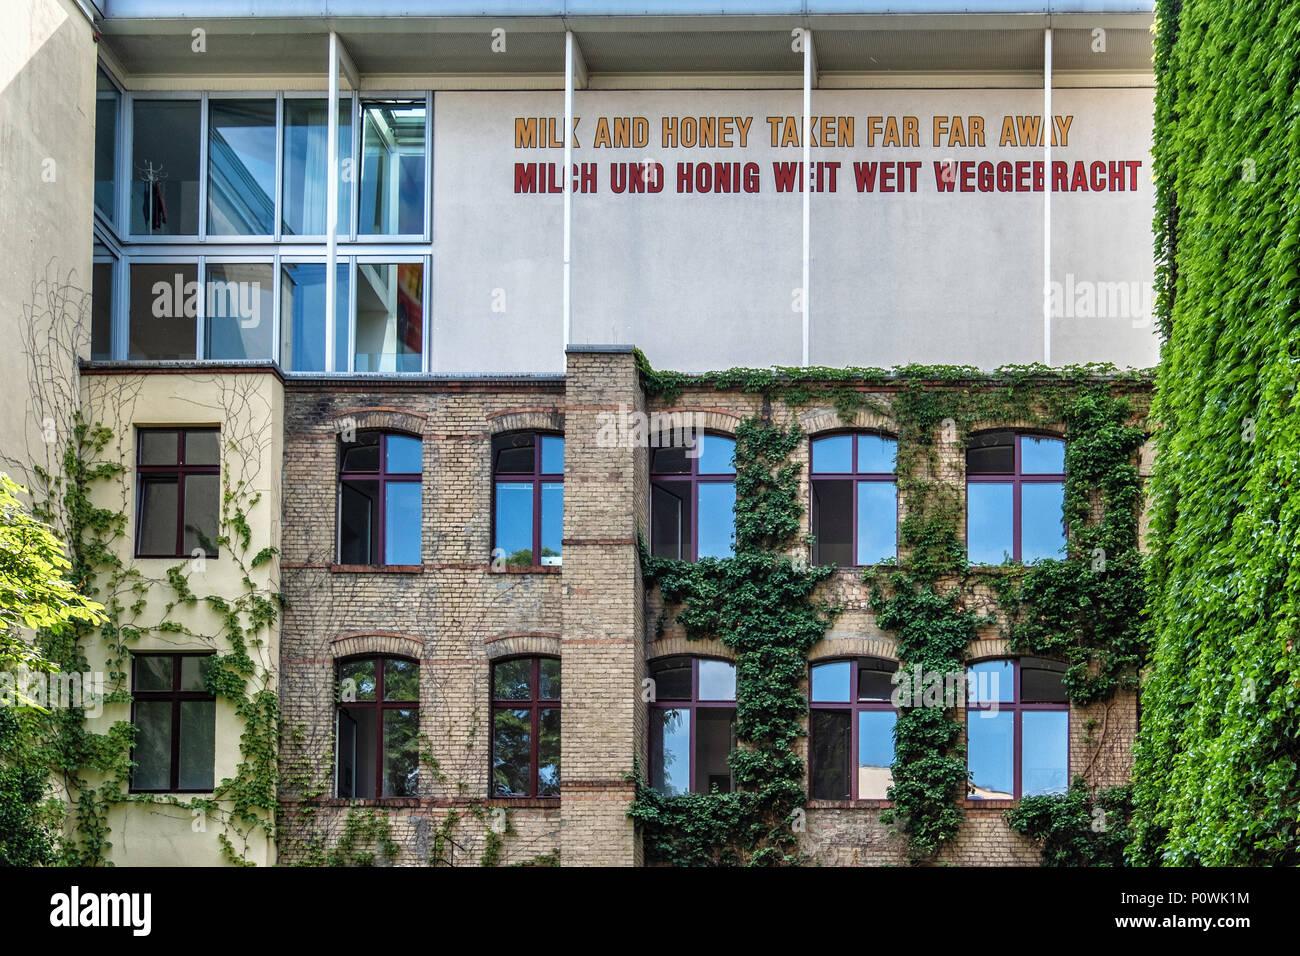 Berlin Mitte, Sophie-Gips HöfeHistoric-bâtiment du xixe siècle au Sophienstrasse et fin du 20e siècle plus,Hoffman Gallery. Façade sur word art Banque D'Images